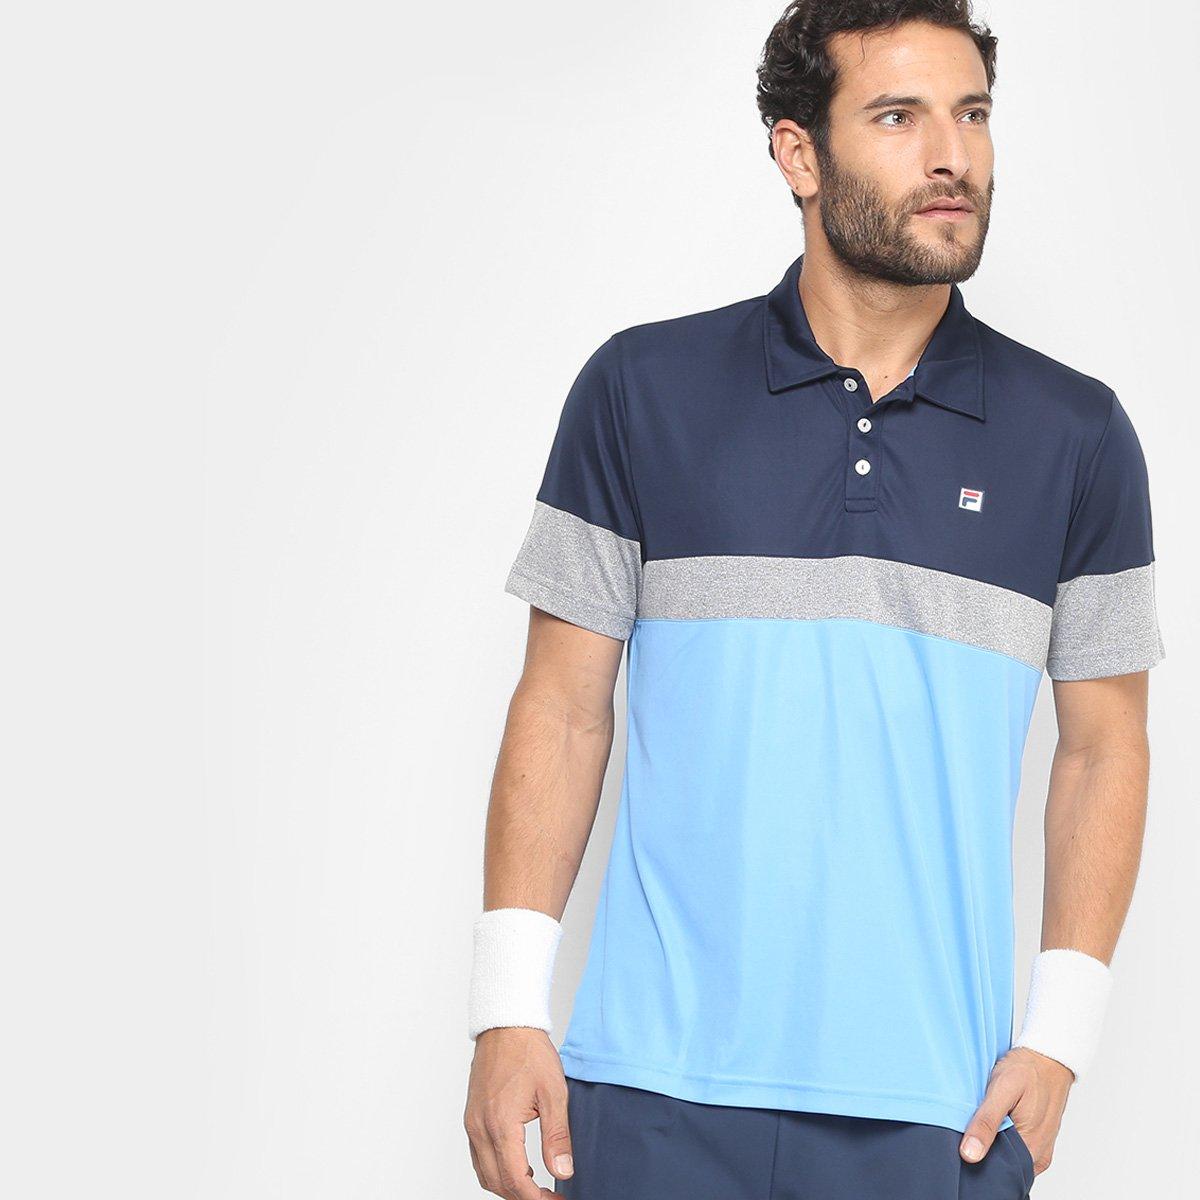 Camisa Polo Fila Block Melange Masculina a91d6d4792de3